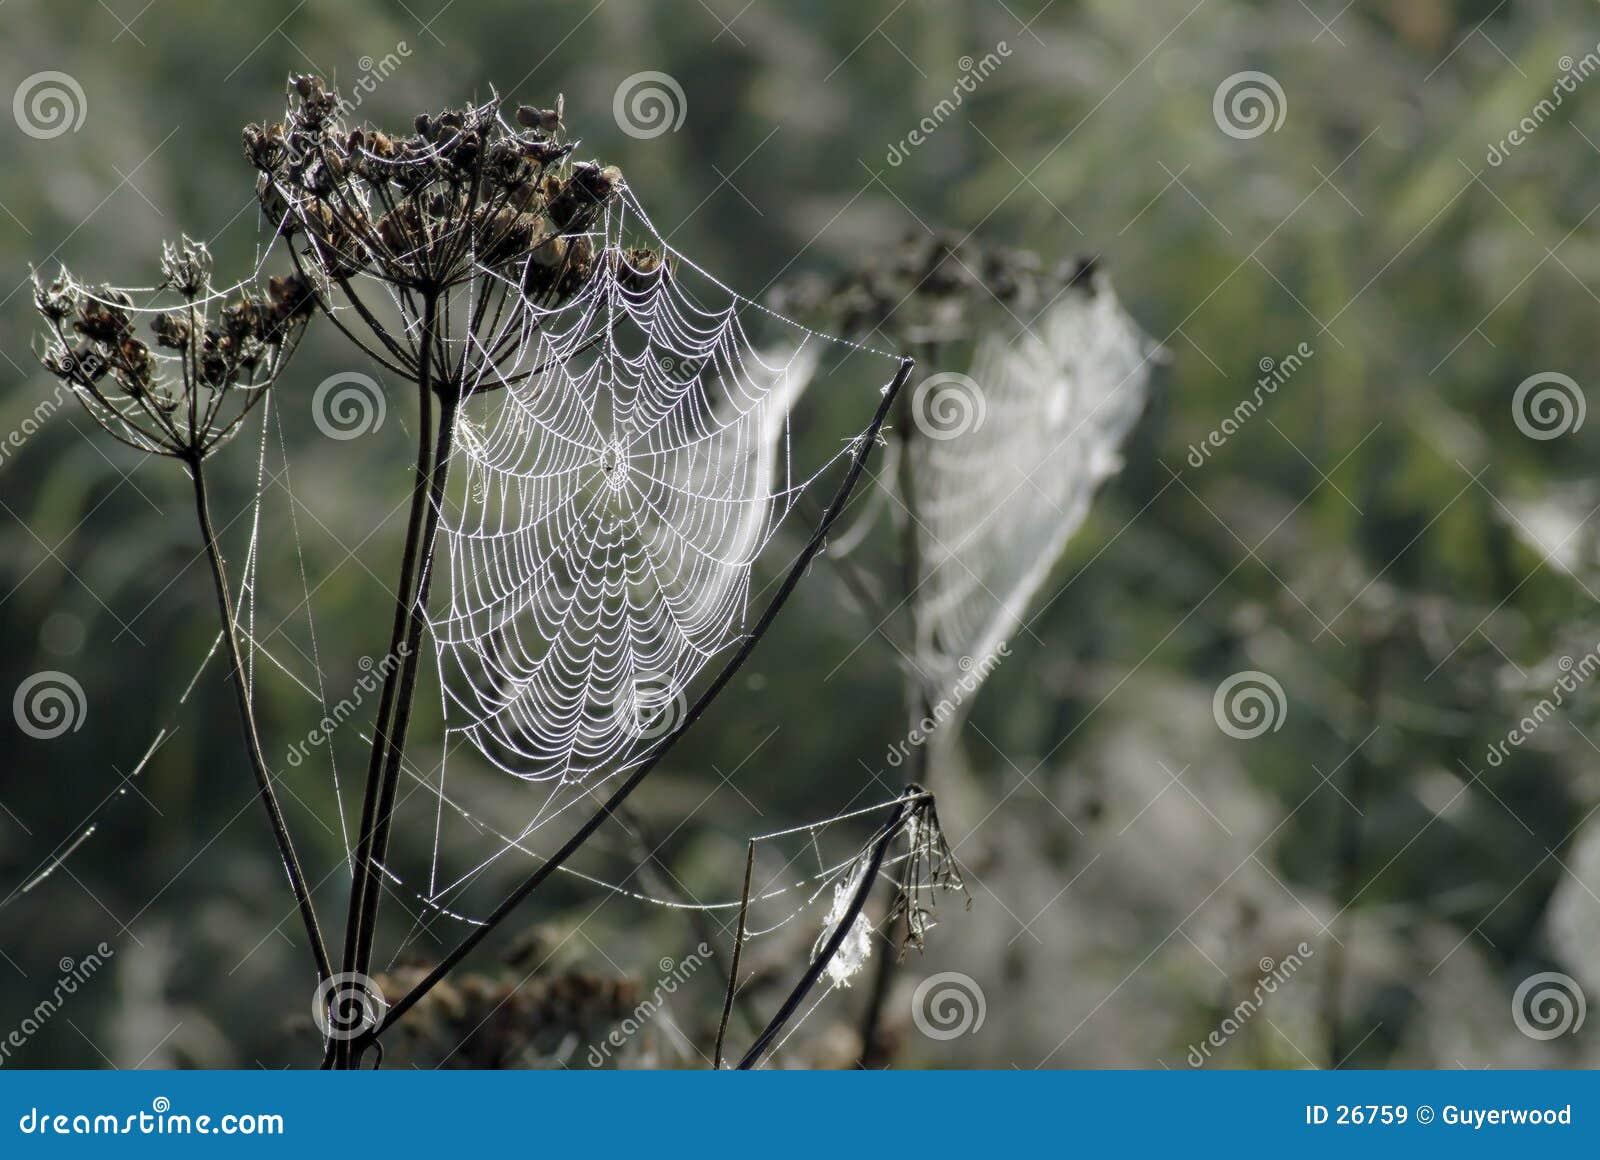 Orvalho no Web de aranha